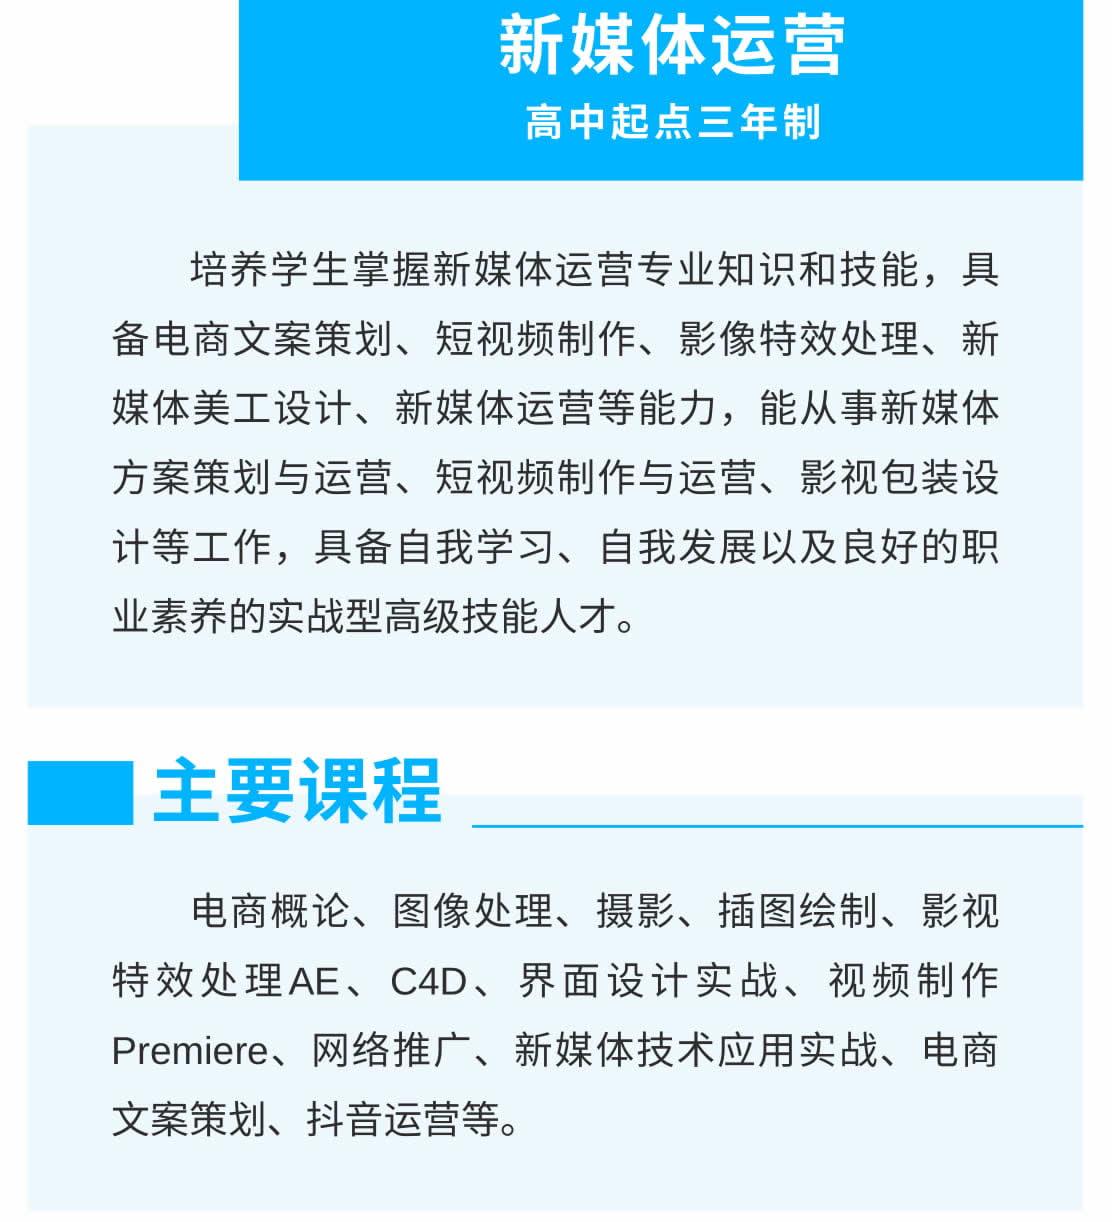 专业介绍 _ 新媒体运营(高中起点三年制)-1_r1_c1.jpg